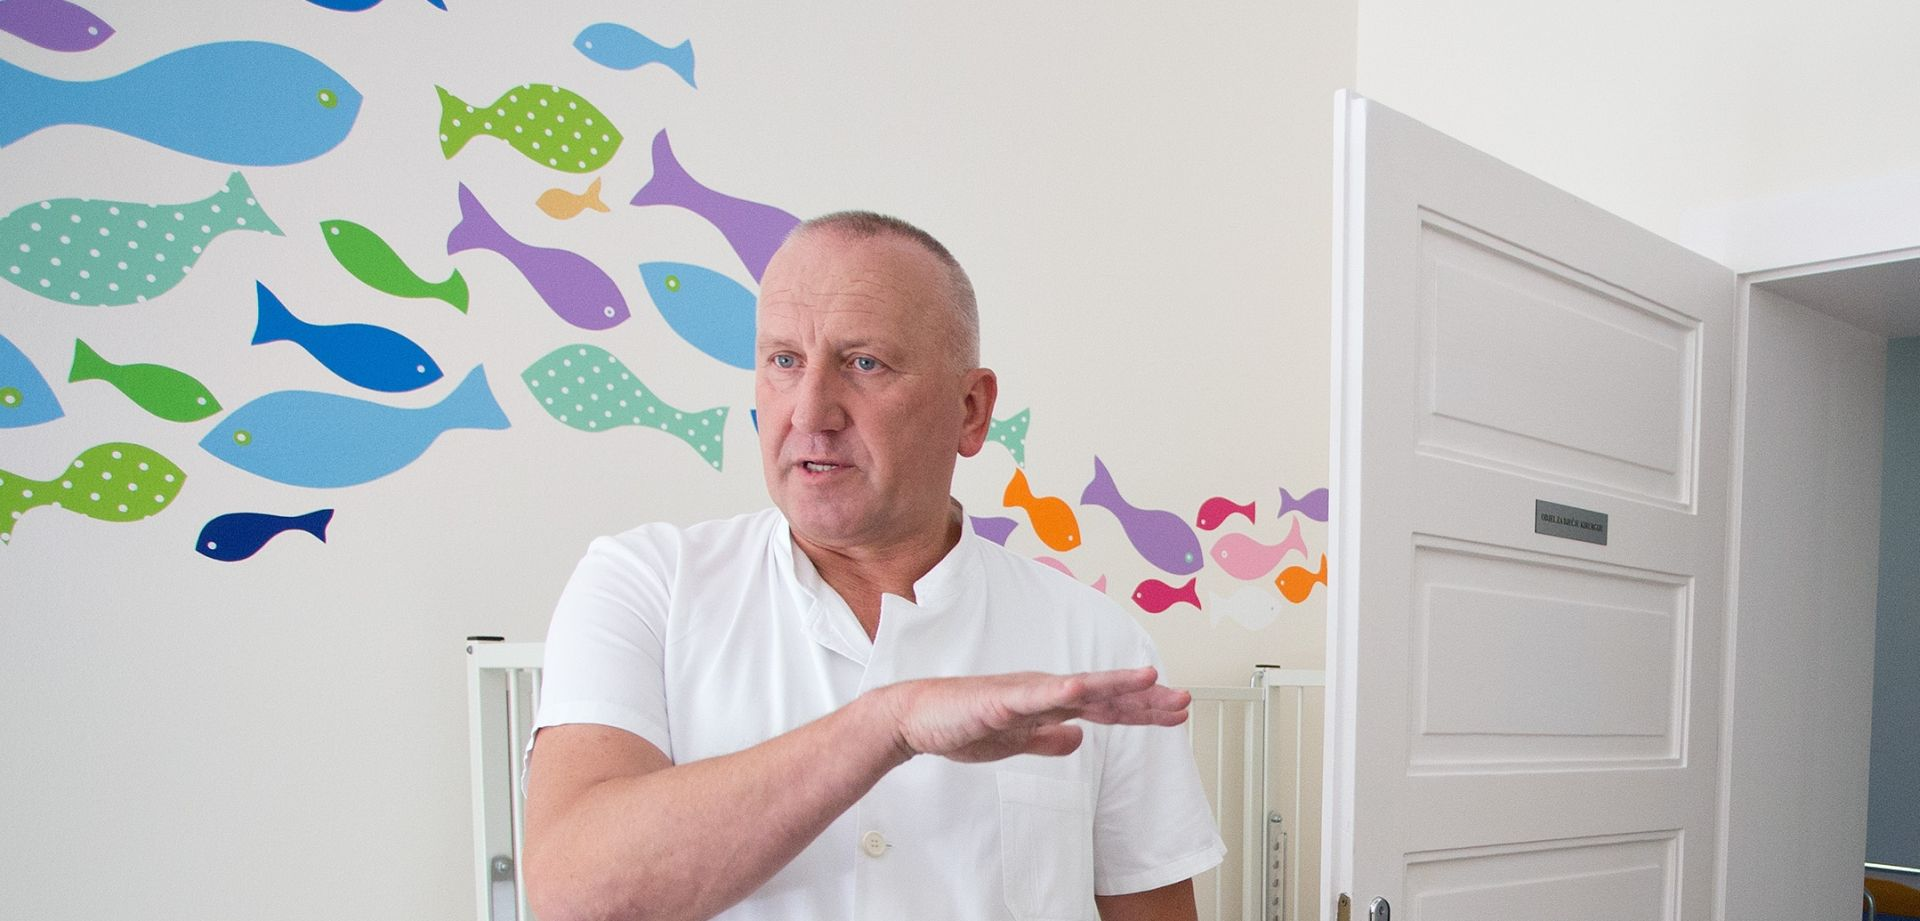 NEKOREKTNO Dječja bolnica Srebrnjak ostala bez tri milijuna kuna za odrađene usluge u 2015.